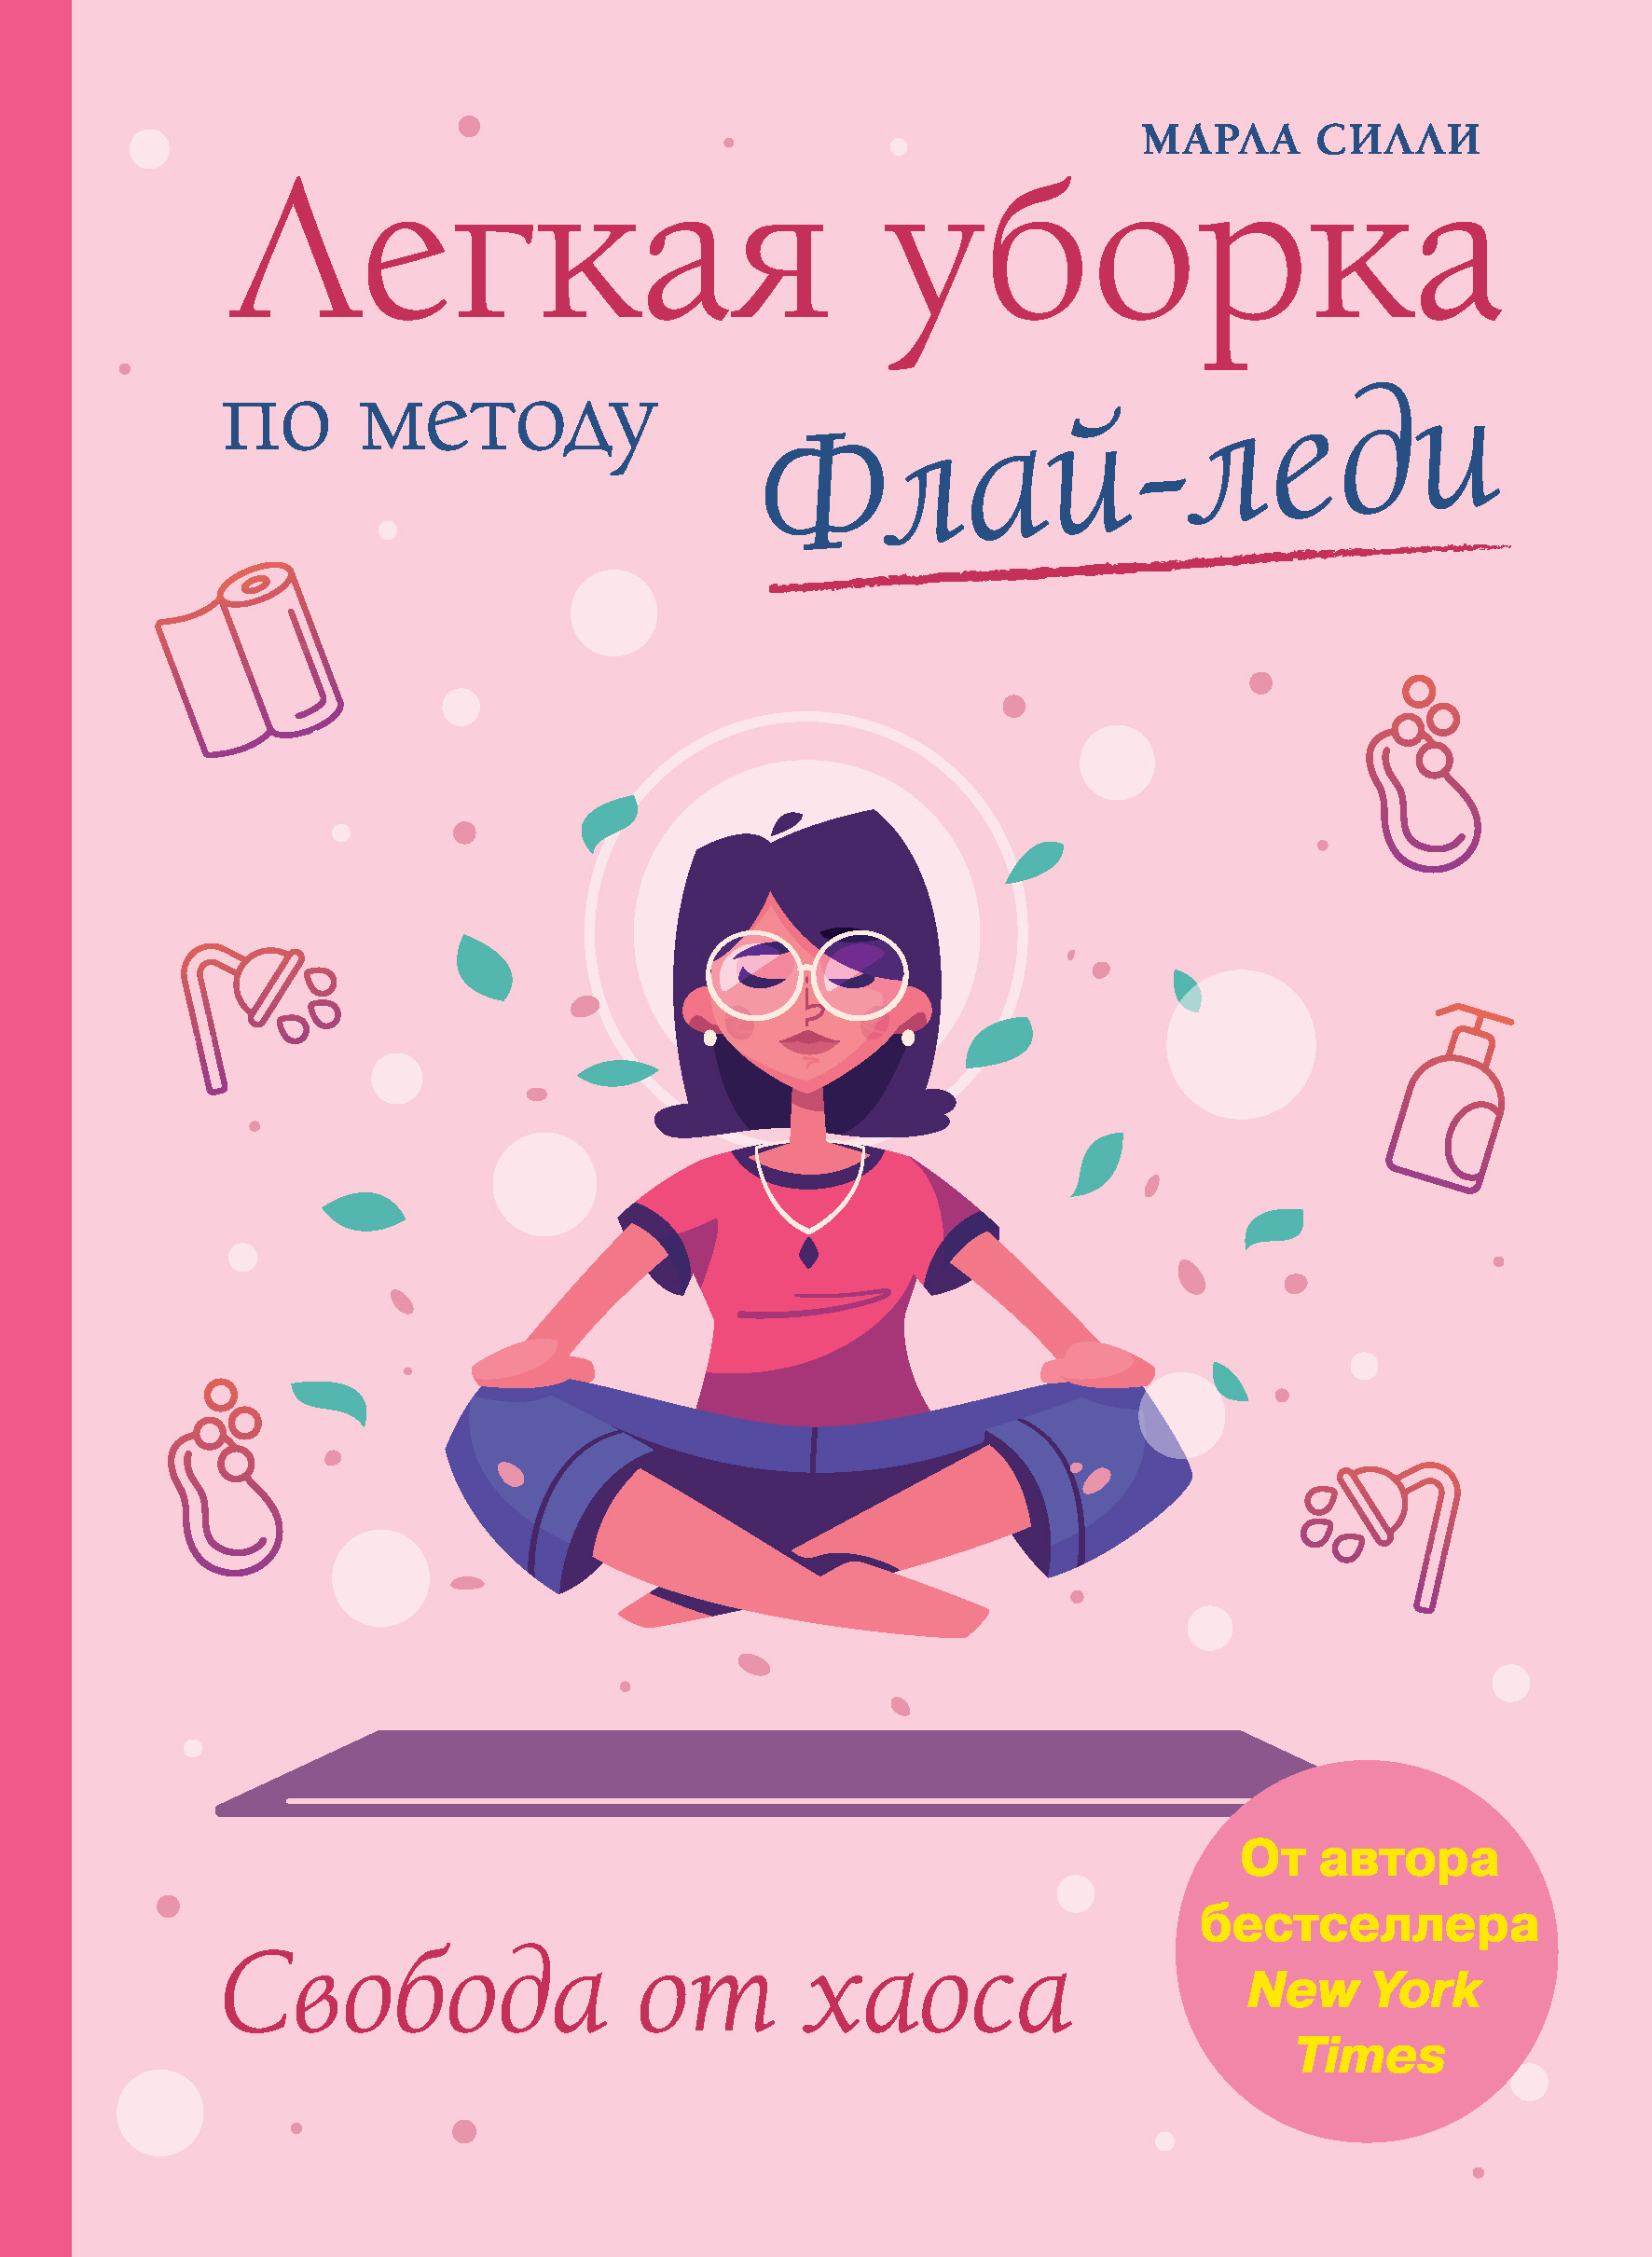 Купить книгу Легкая уборка по методу Флай-леди: свобода от хаоса, автора Марлы Силли